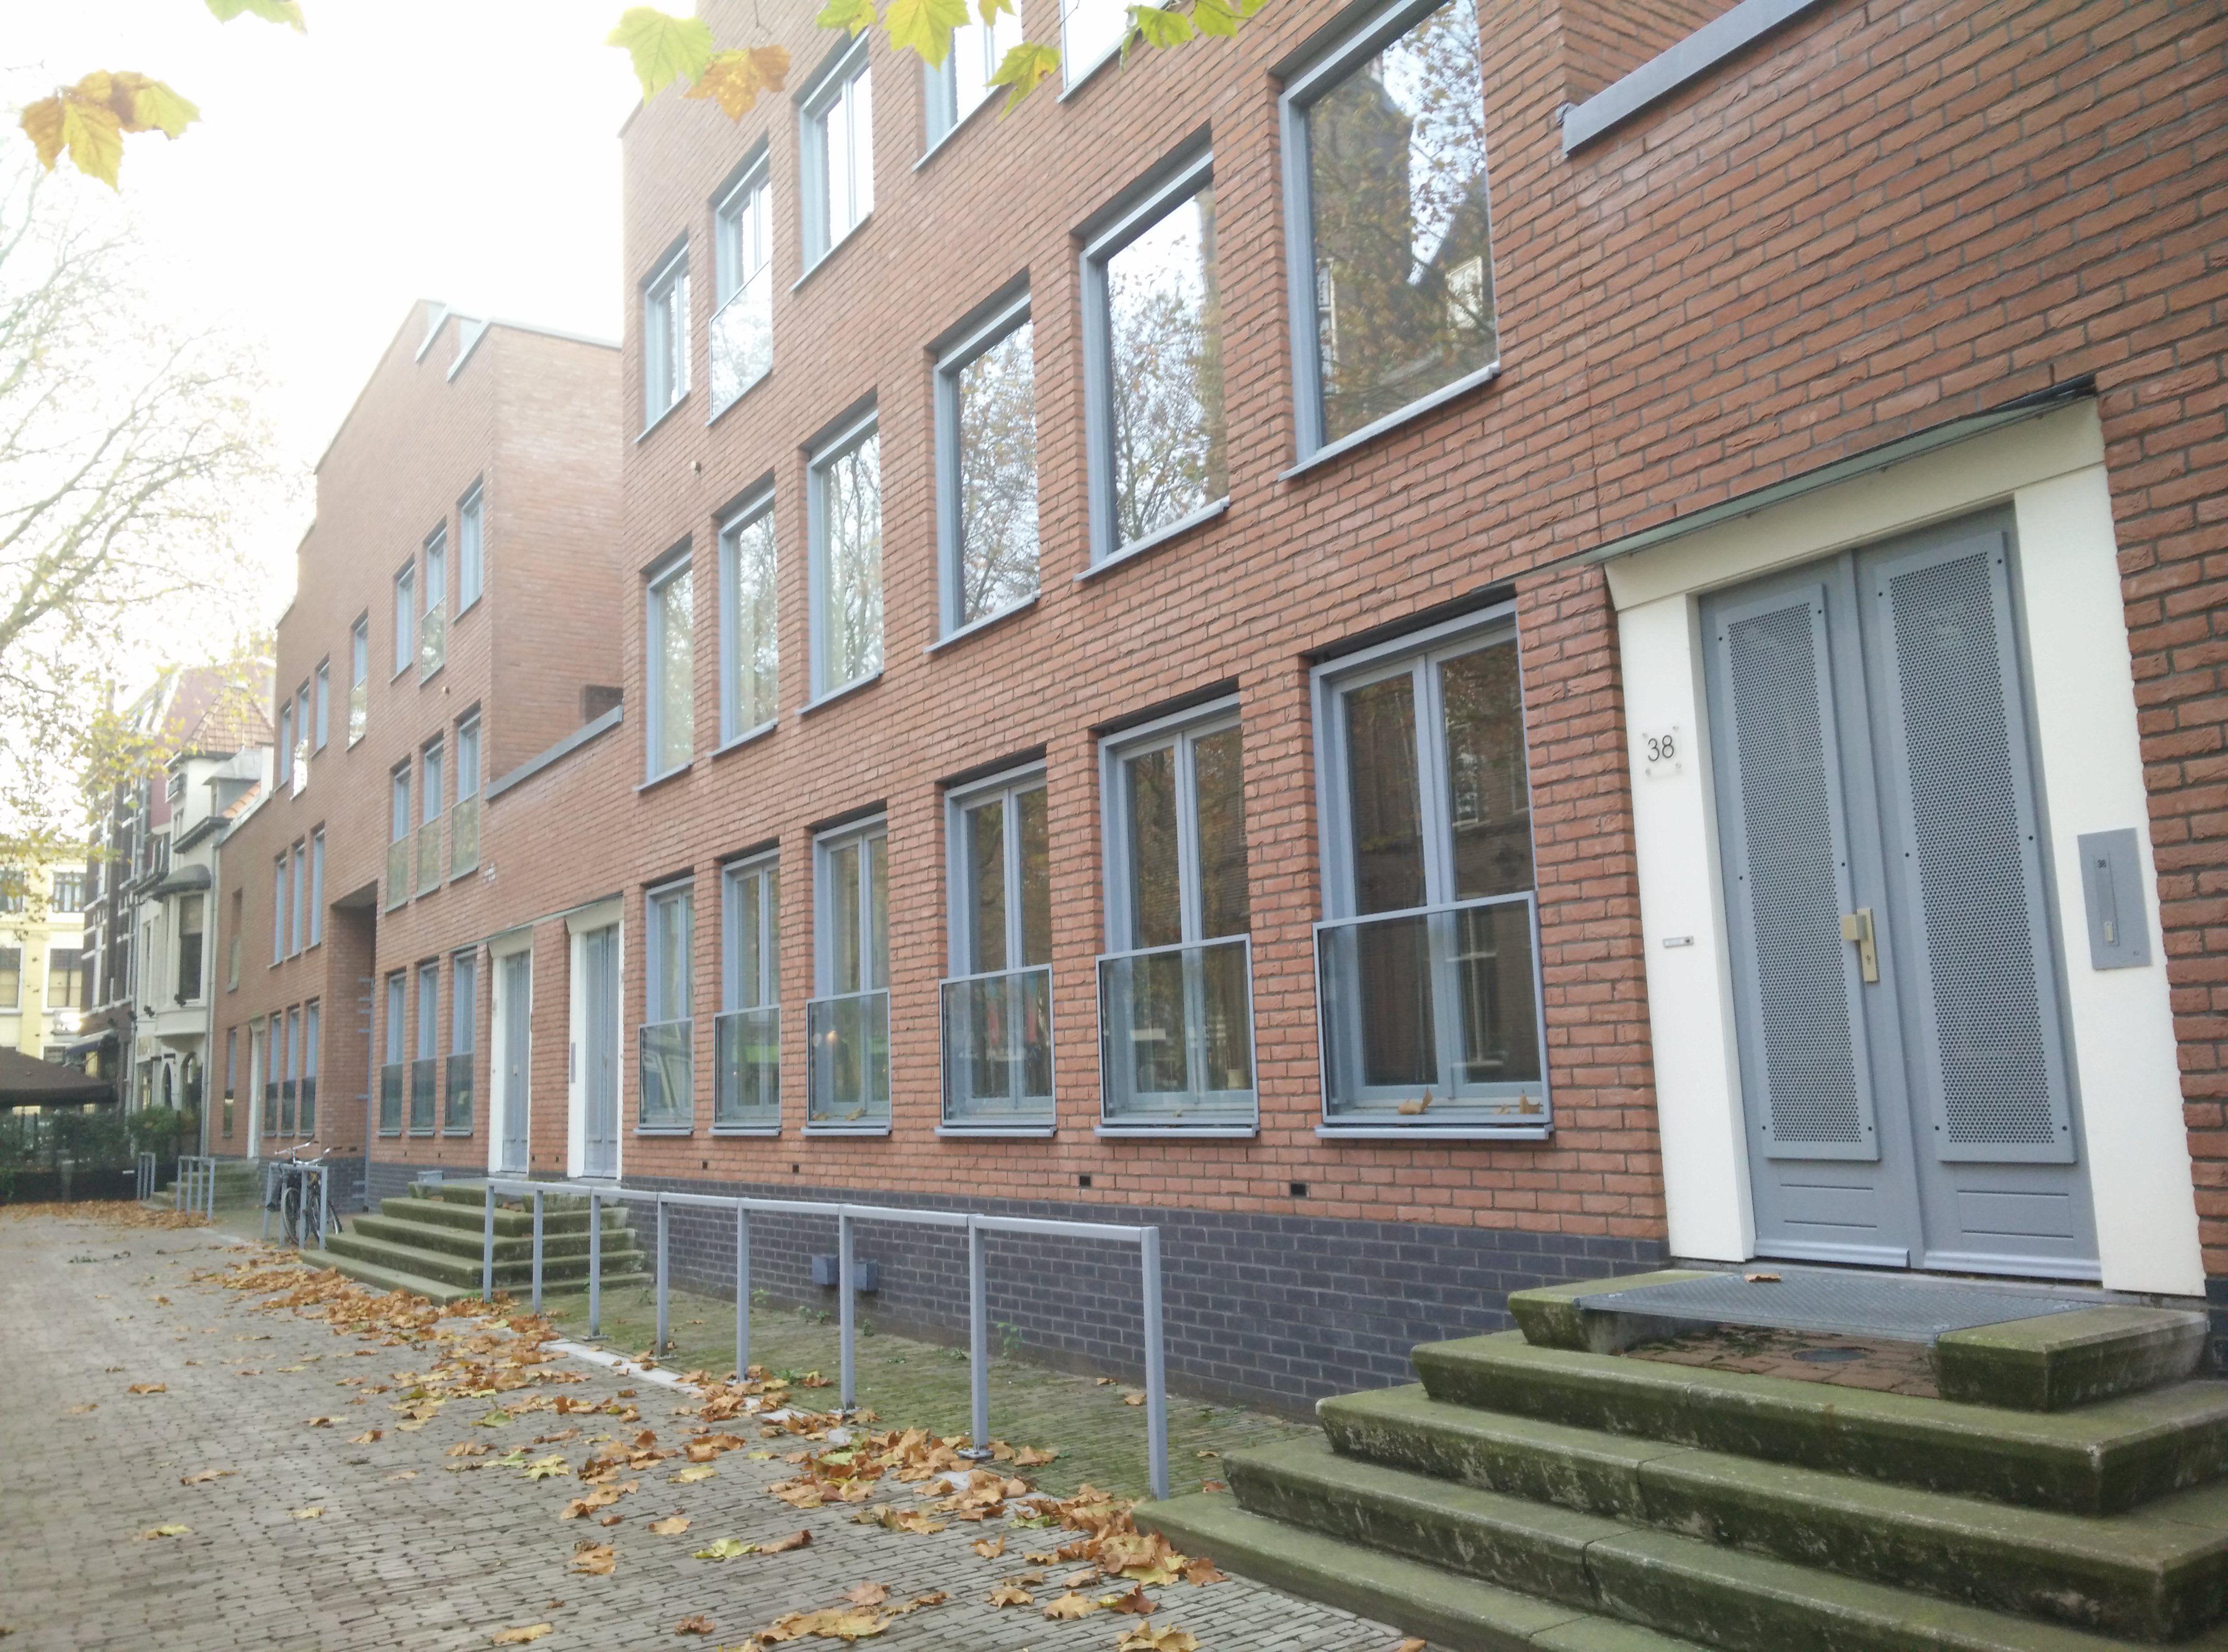 Mariaplaats in Utrecht, Utrecht